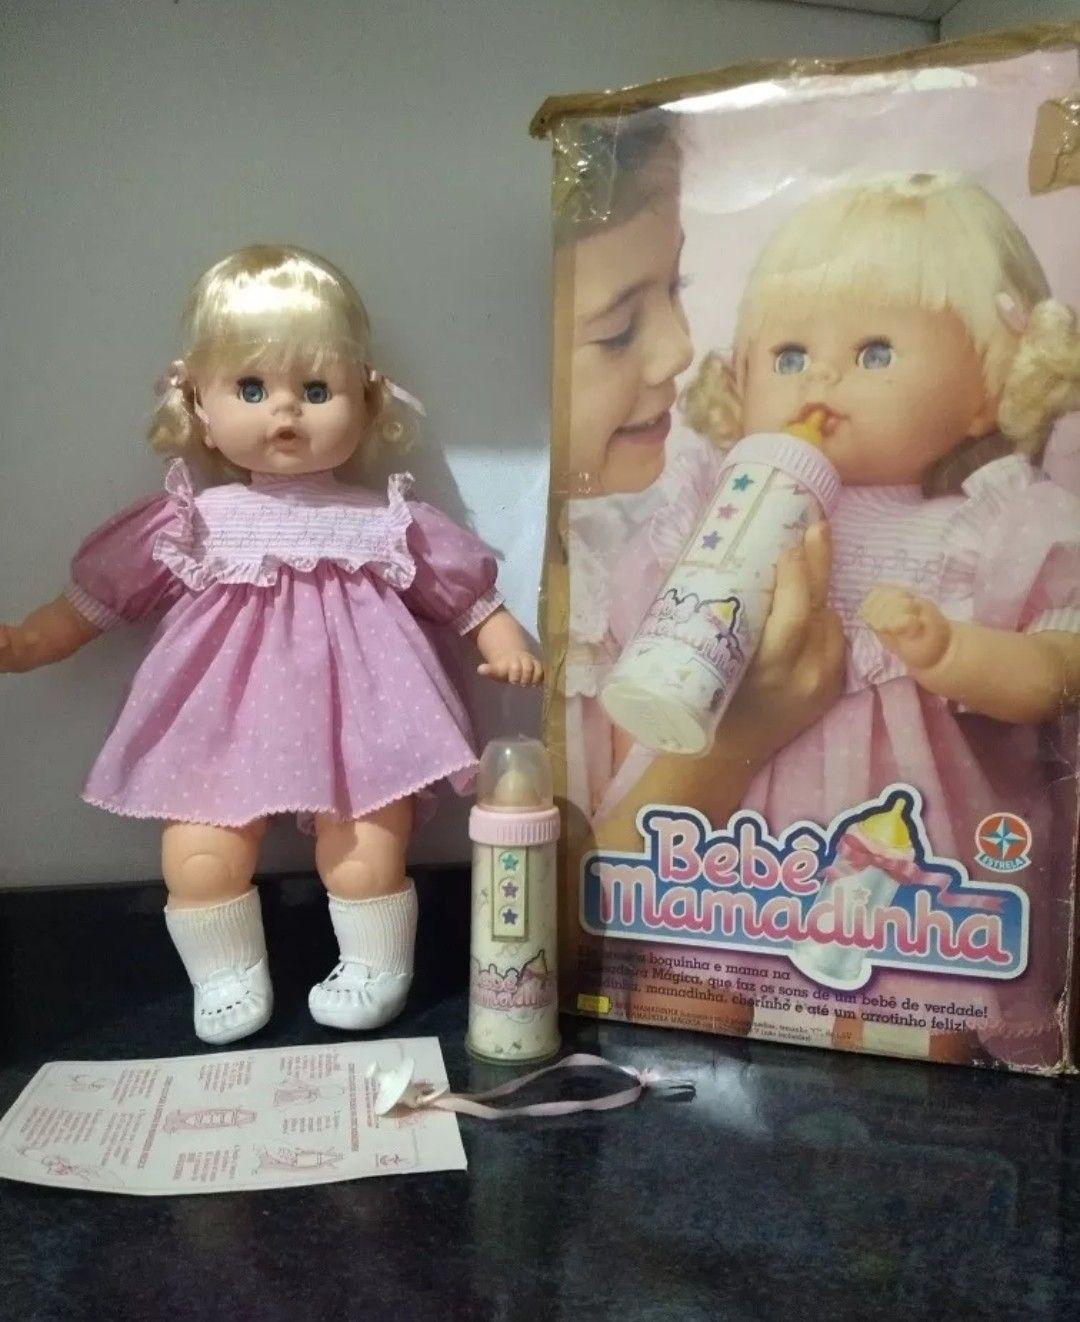 Boneca Mamadinha Da Estrela Brinquedos Estrela Bonecas